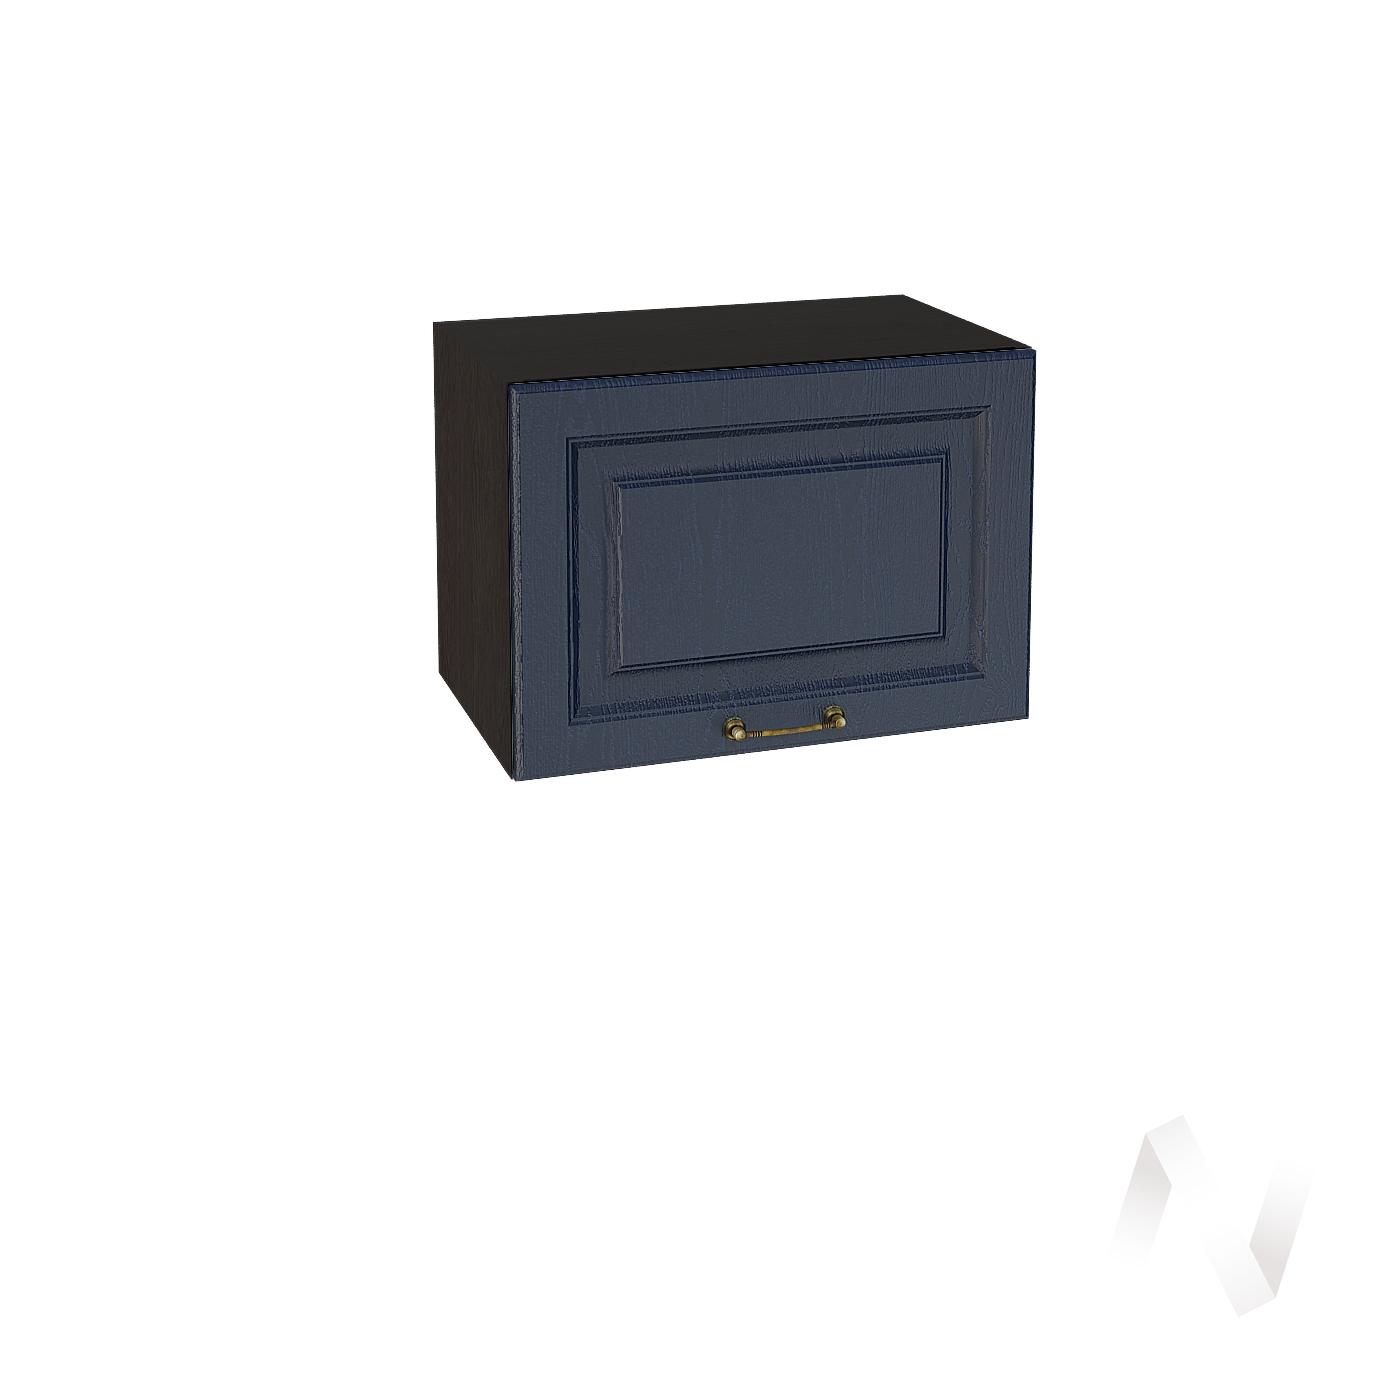 """Кухня """"Ницца"""": Шкаф верхний горизонтальный 500, ШВГ 500 (Дуб чернильный/корпус венге)"""